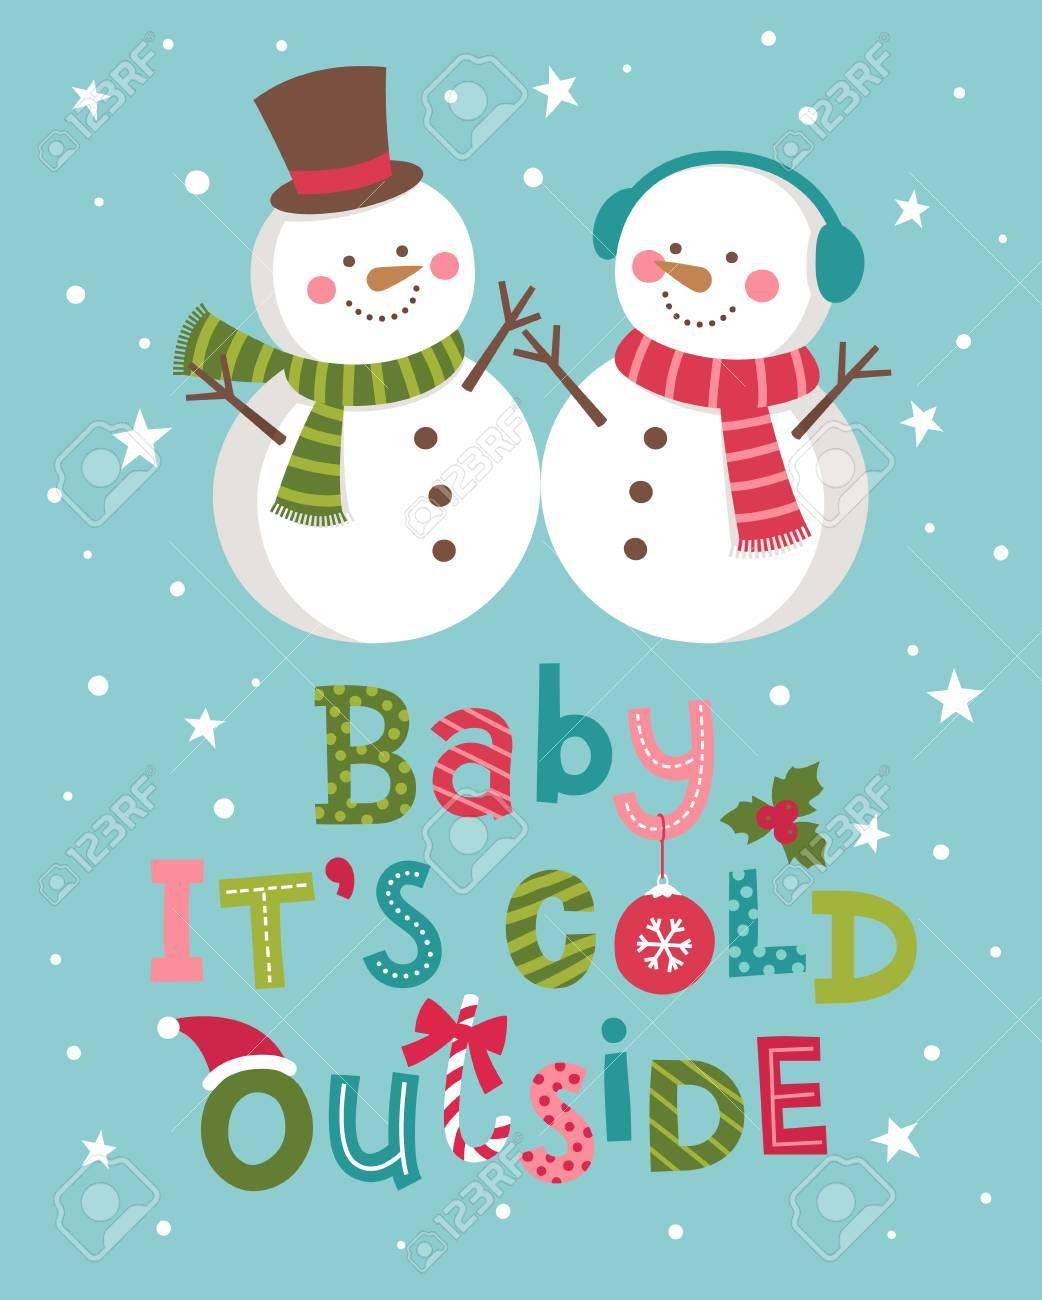 赤ちゃん漫画雪だるまカップル イラストと冷たい外のレタリングです